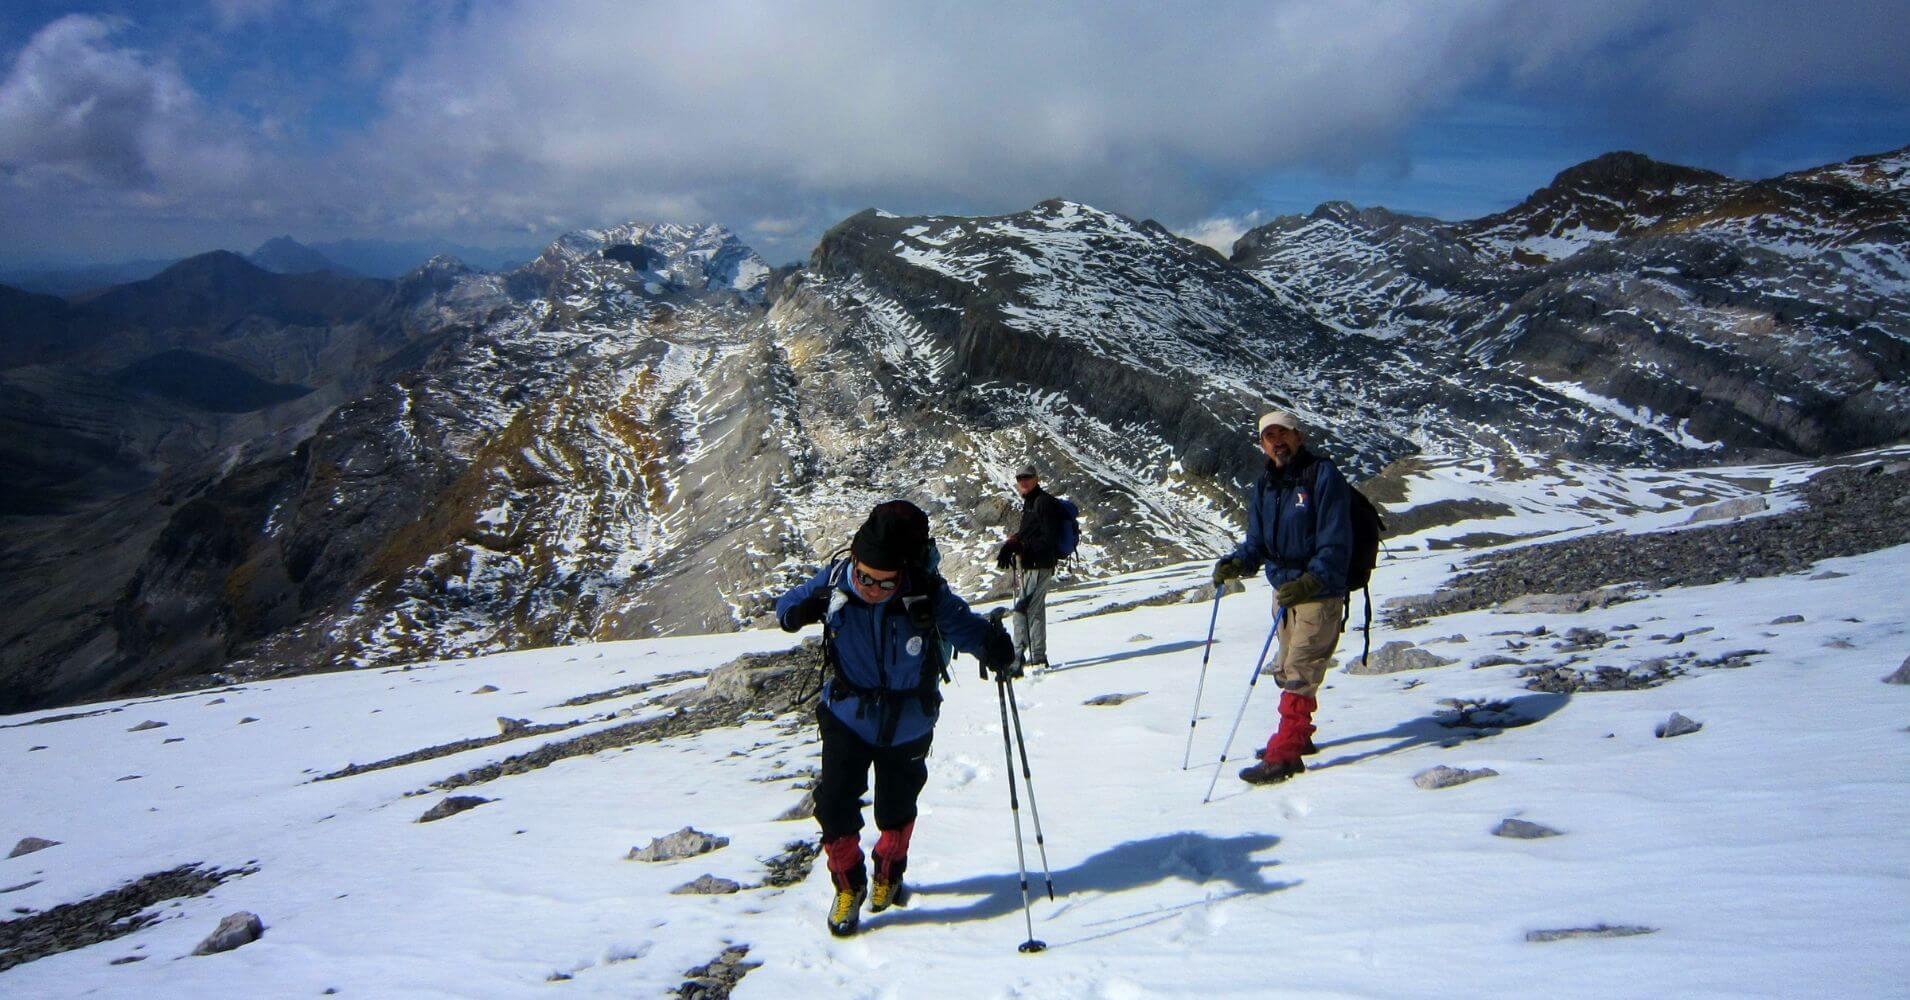 Subida al Monte Perdido. Parque Nacional de Ordesa, Huesca. Aragón. España.